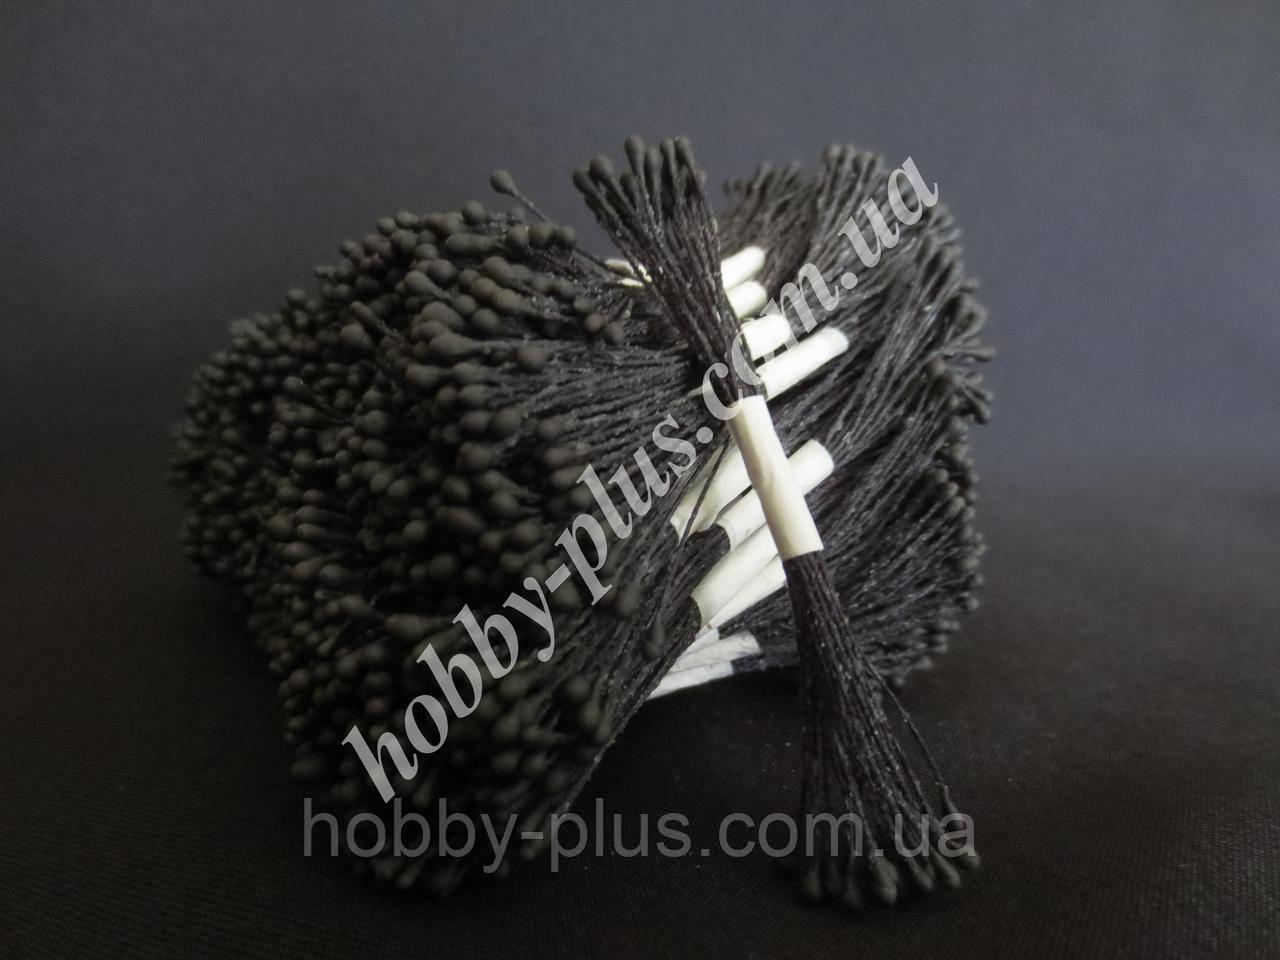 Тайские тычинки, ЧЕРНЫЕ, мелкие круглые на черной нити, 23-25 нитей, 50 головок